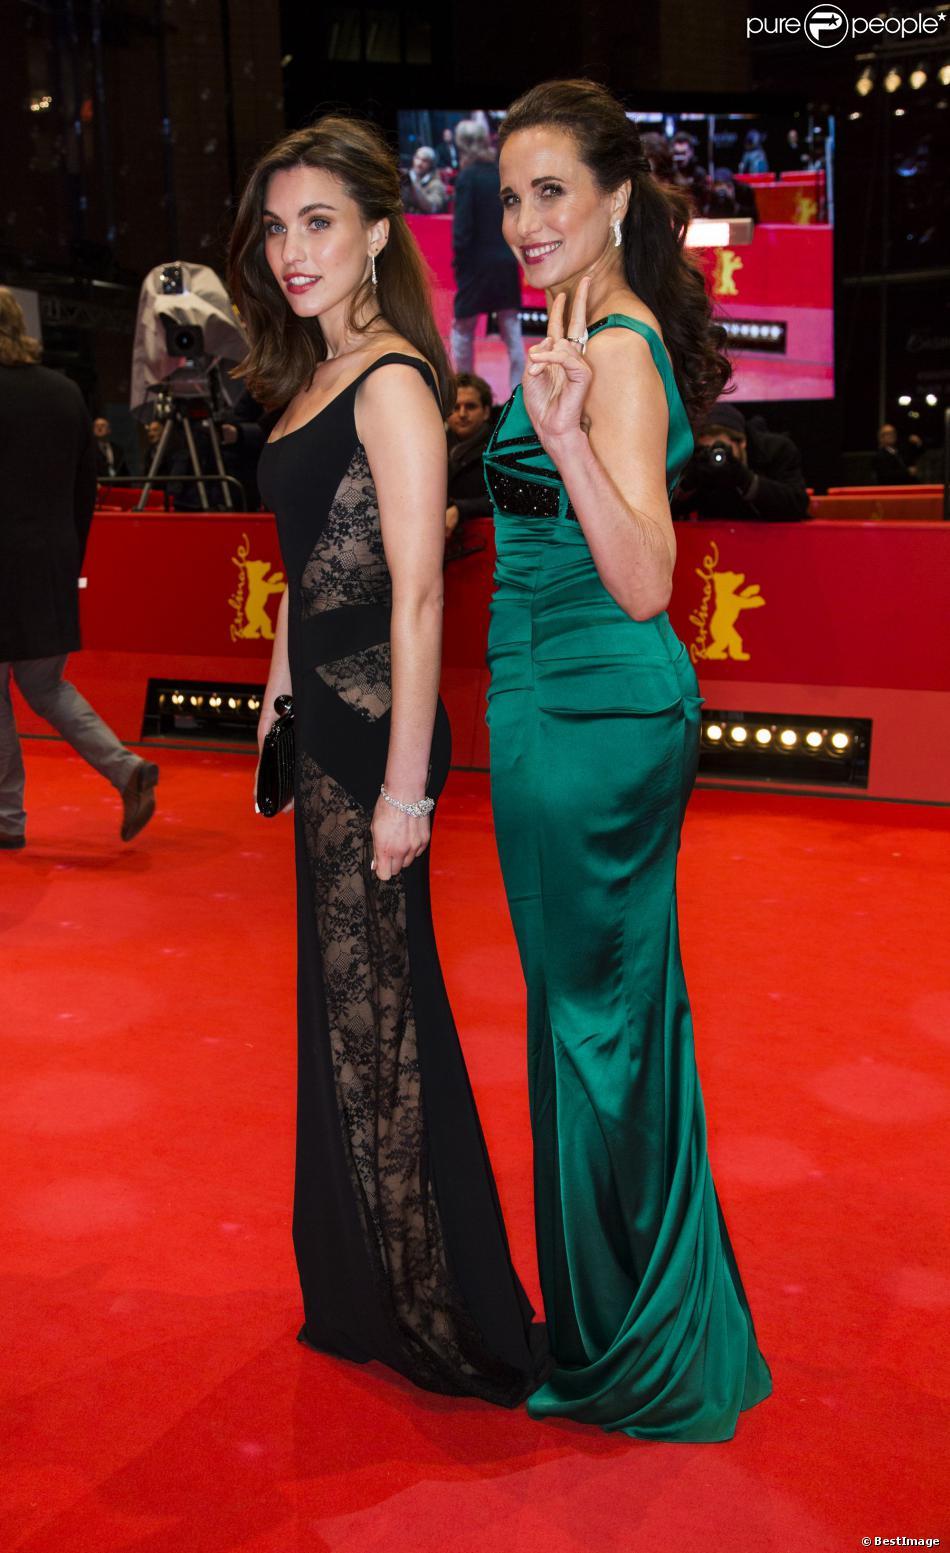 Andie MacDowell et sa fille Rainey Qualley lors de la première du film Praia du Futuro lors du 64ème Festival International du Film de Berlin, le 11 février 2014.